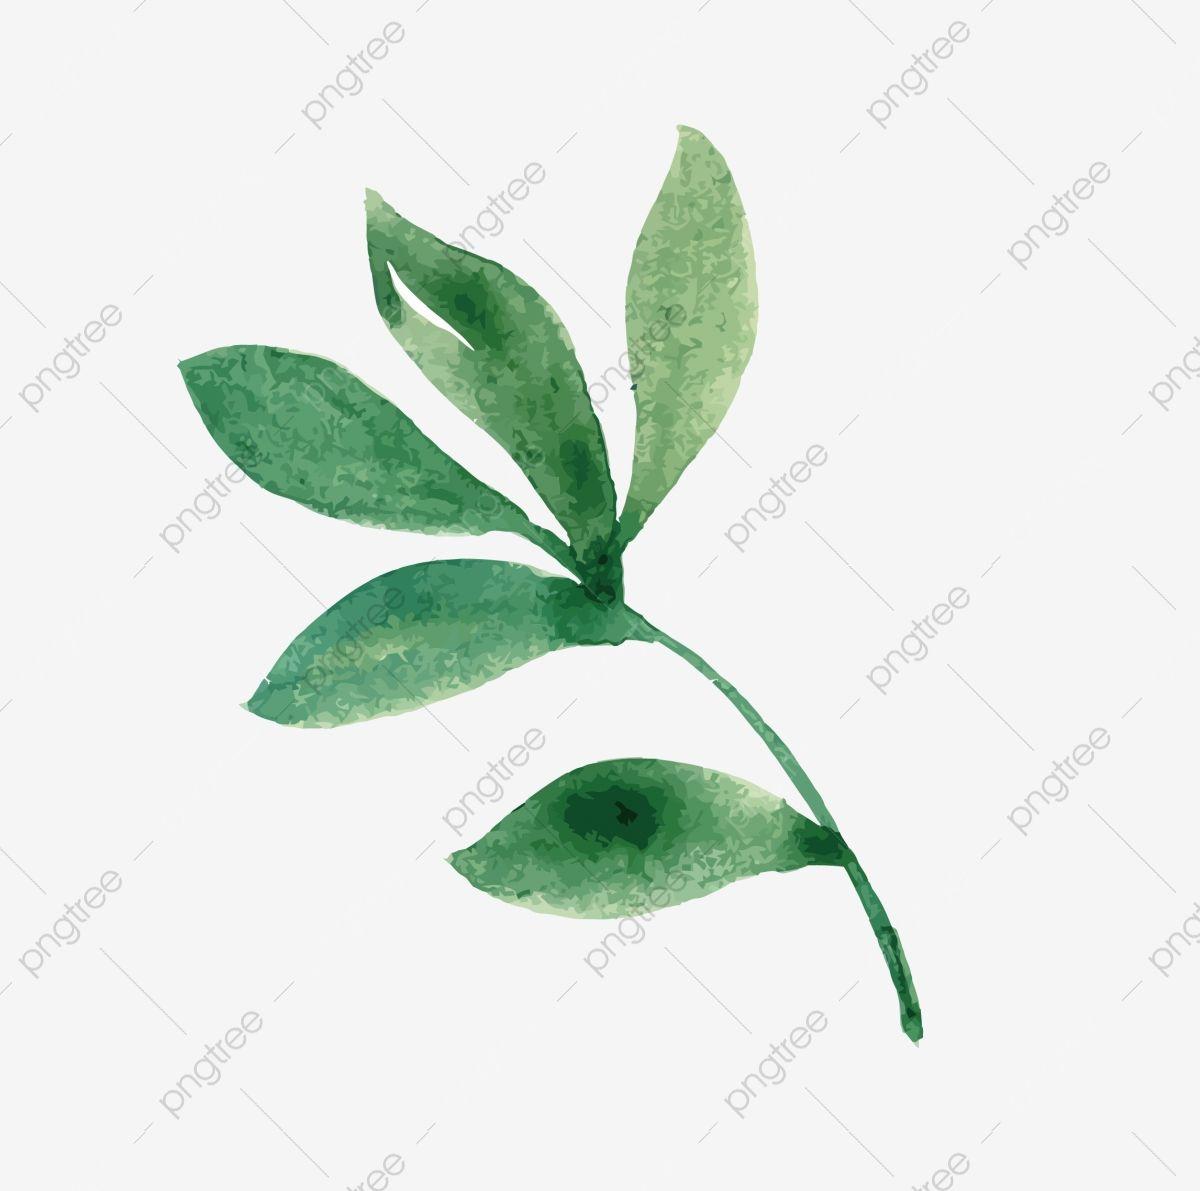 الورقة الخضراء صور الزعتر المواد خضرة فنية اوراق خضراء ورقة الشجر Png والمتجهات للتحميل مجانا Plant Leaves Leaves Plants